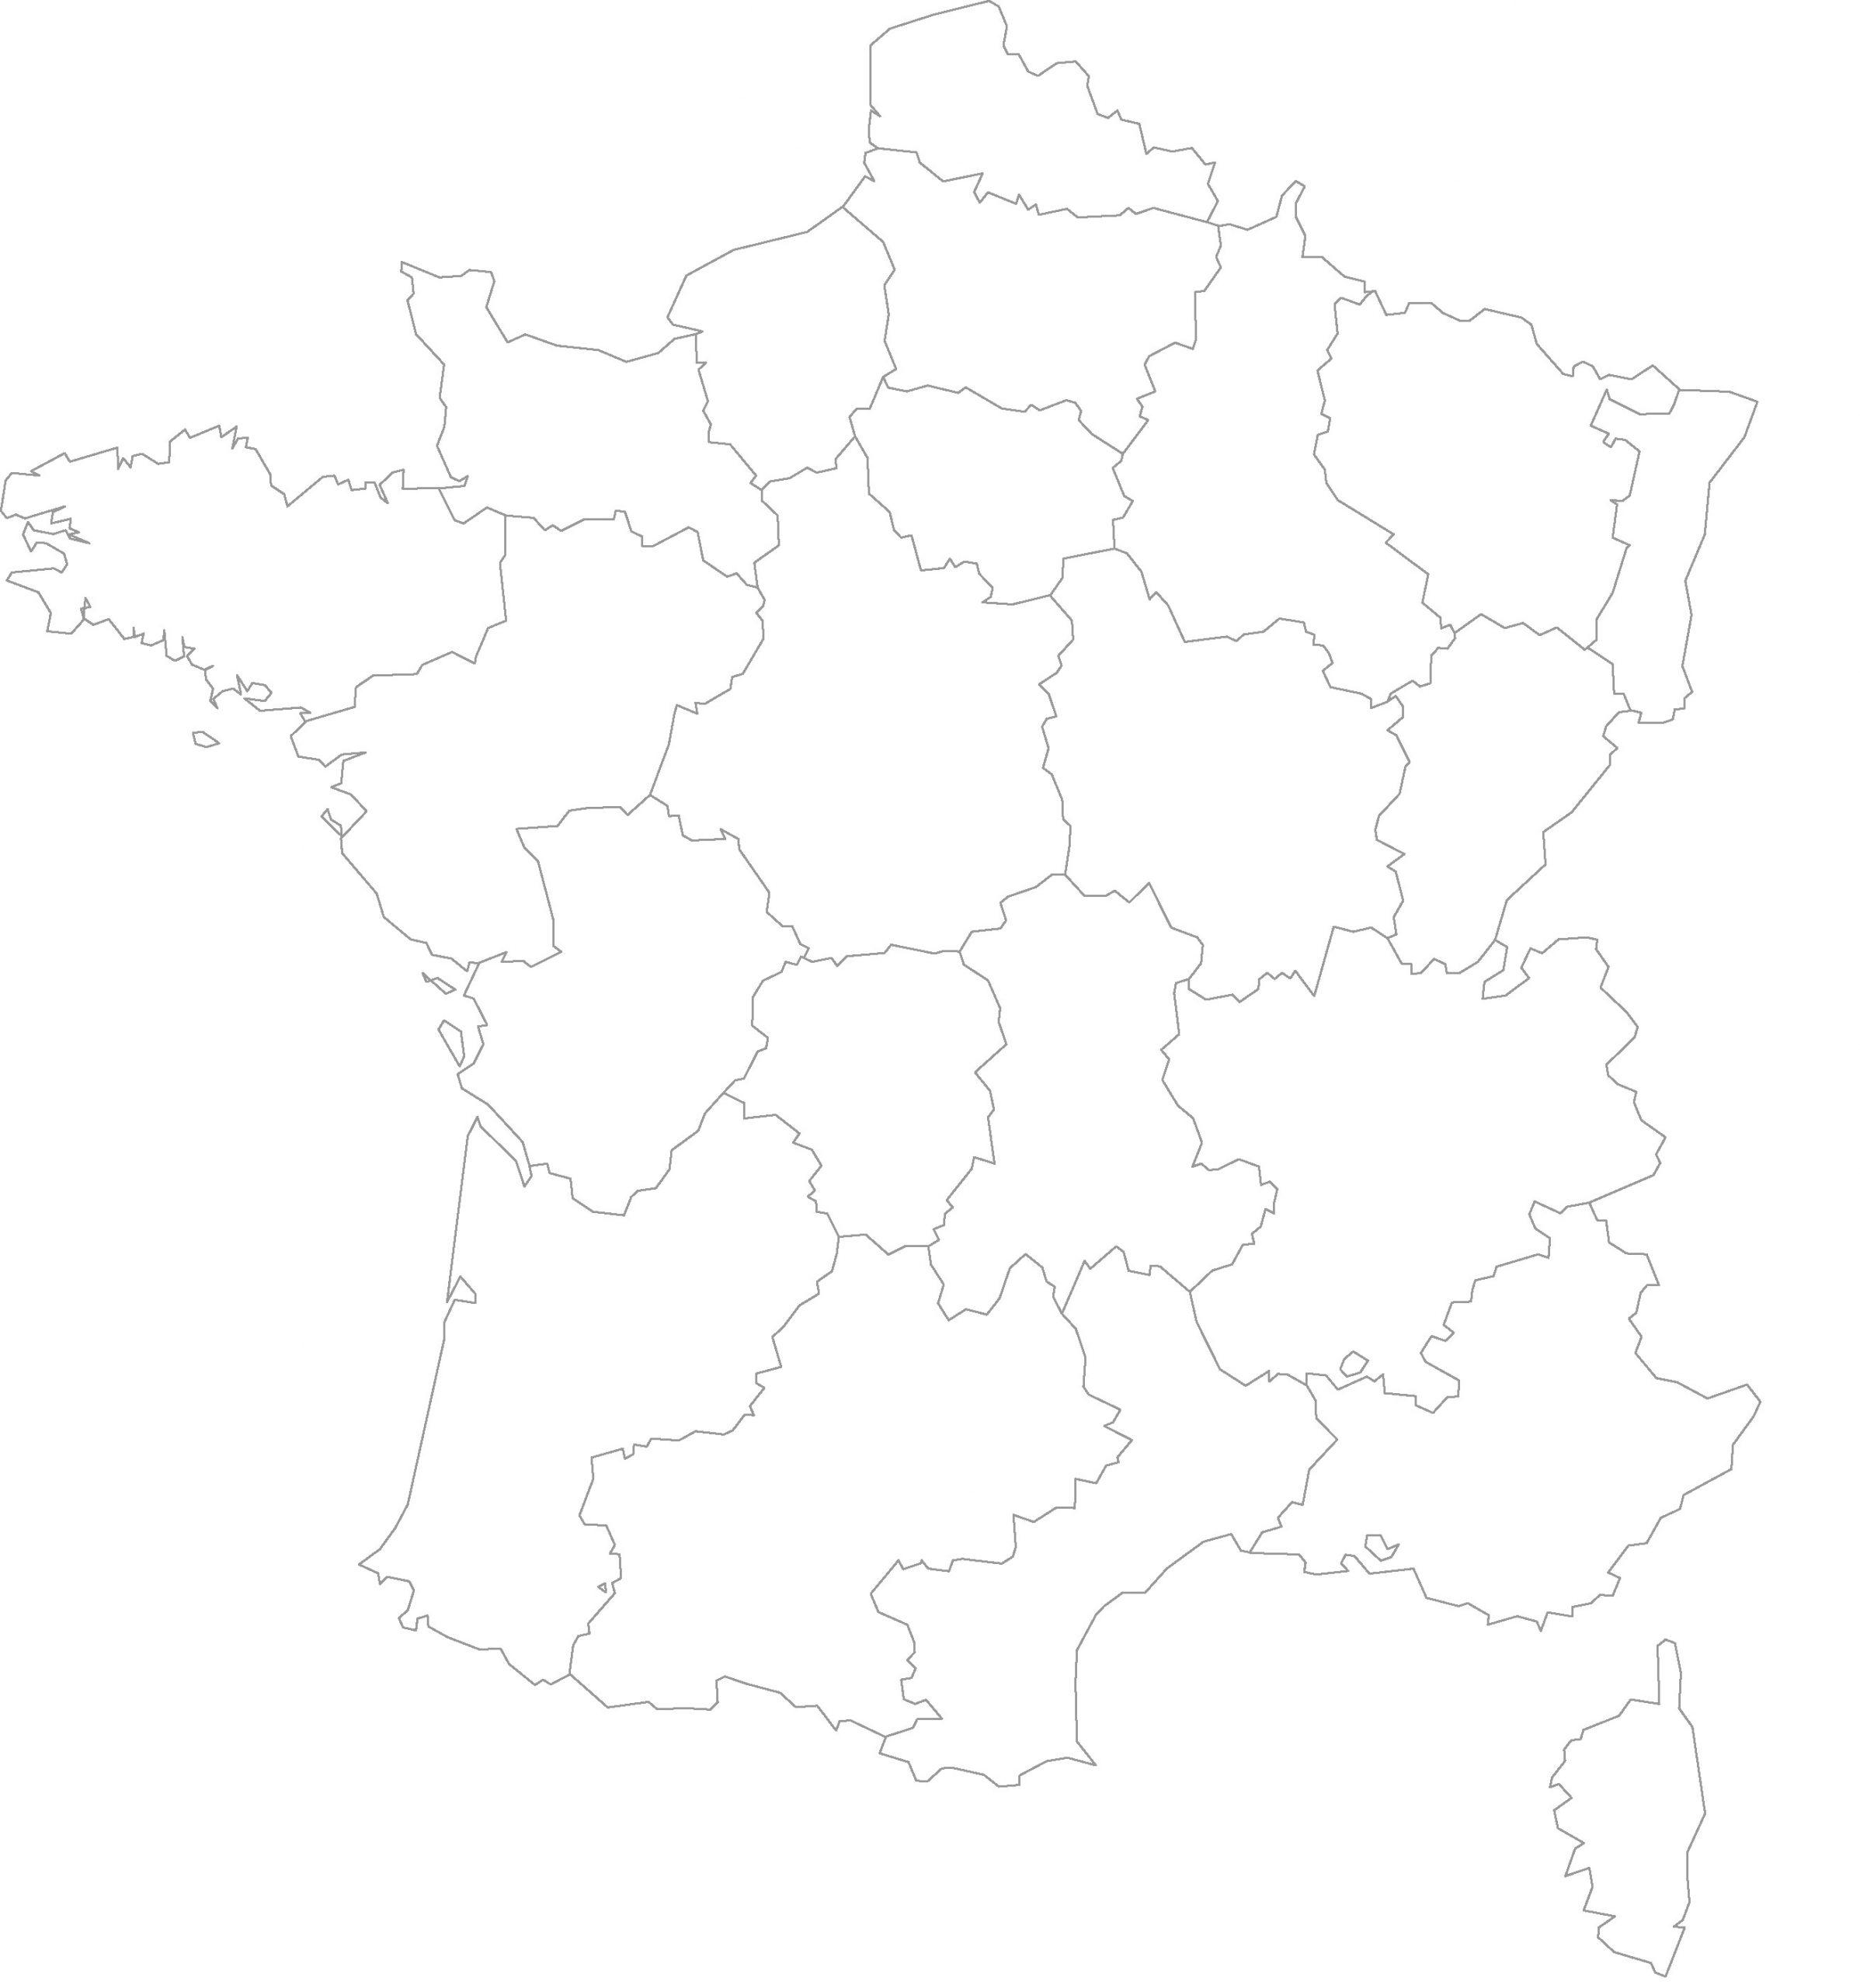 Cartes Muettes De La France À Imprimer - Chroniques dedans Fond De Carte France Fleuves